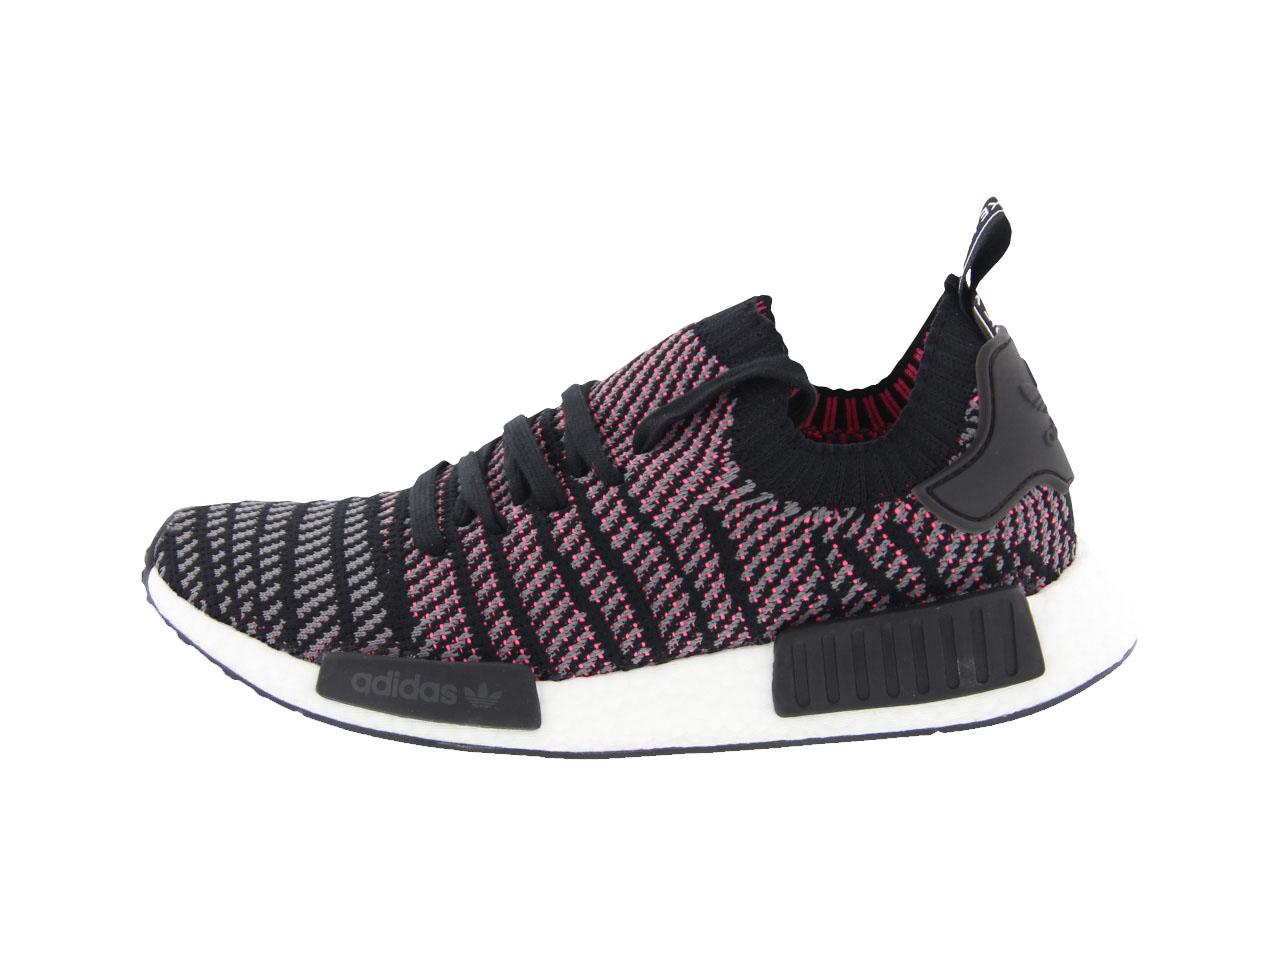 【全品ポイント10倍!期間限定★今すぐエントリー!(4/1~4/30)】adidas Originals NMD_R1 STLT PK(cq2386)Core Black / Gray Fore F17/ Solar Pink【バーゲン】